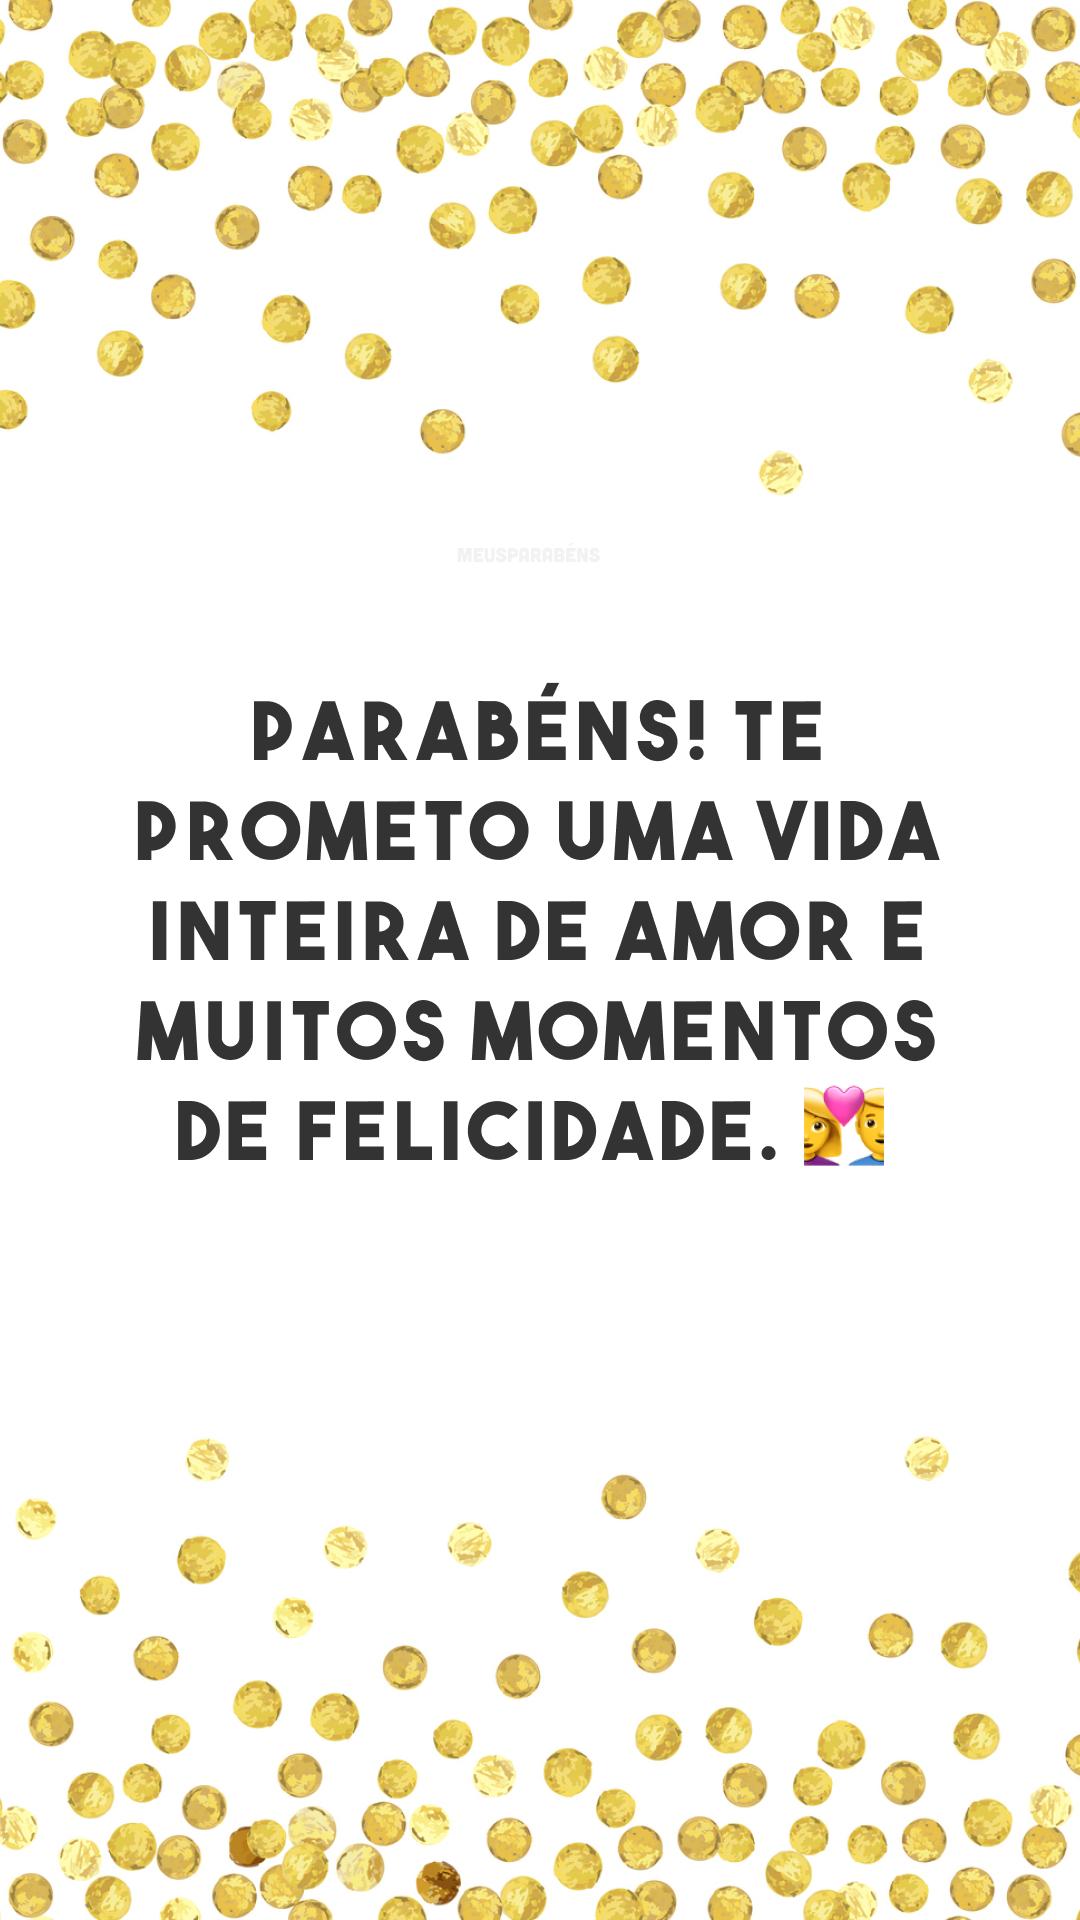 Parabéns! Te prometo uma vida inteira de amor e muitos momentos de felicidade. ?